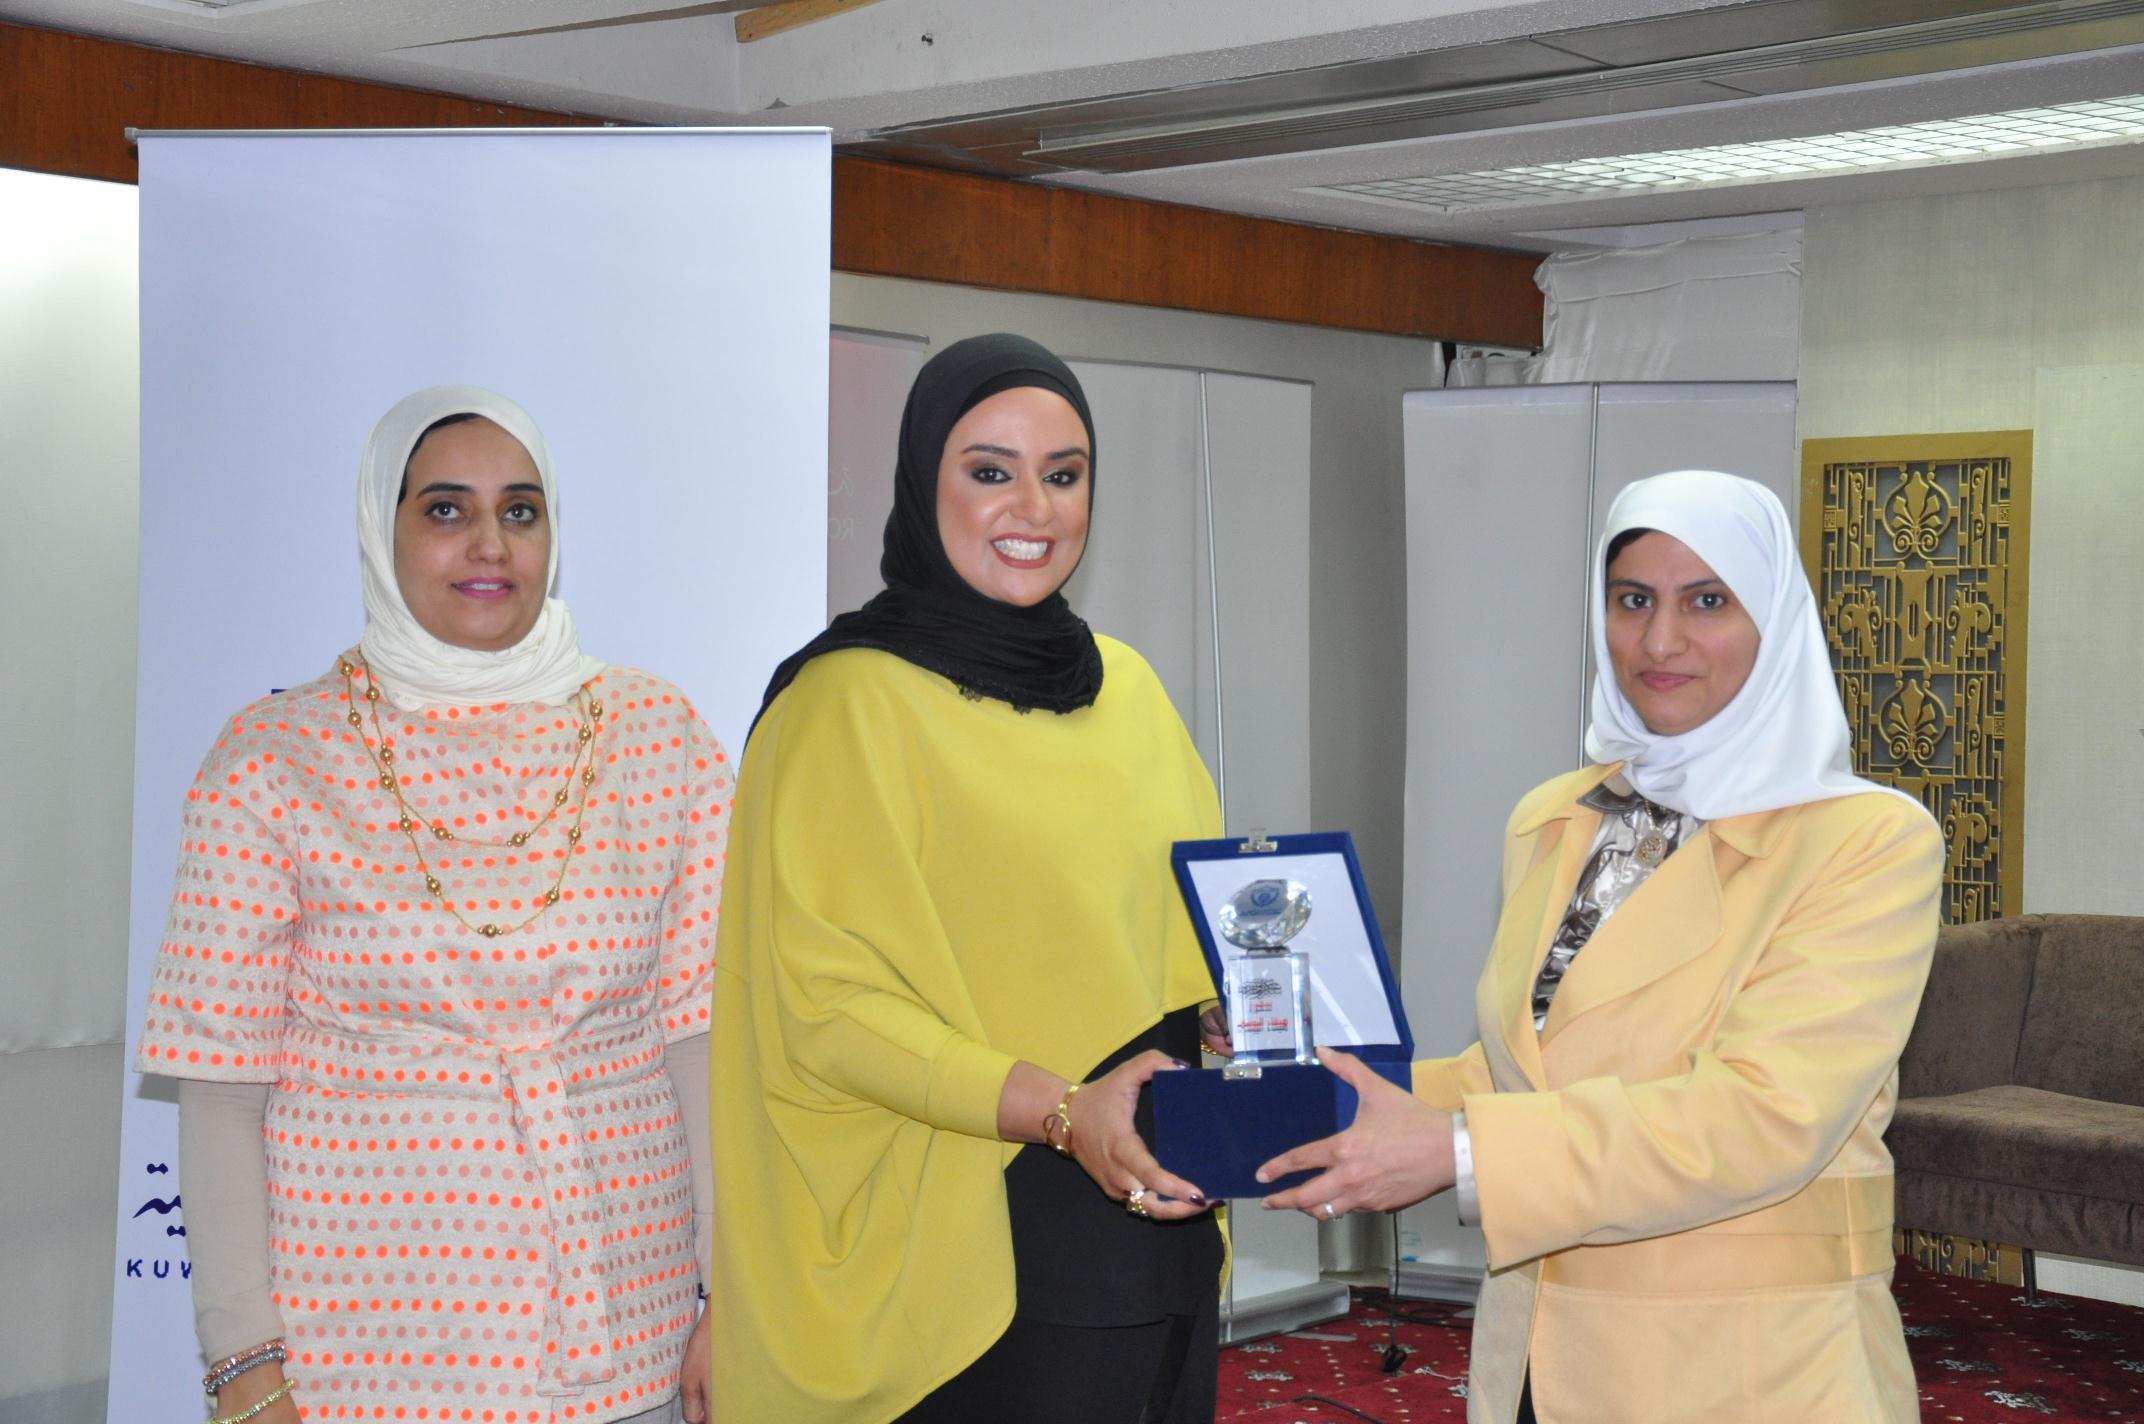 رزان الدعيج: برامج منوعة للمهندسين والمهندسات طوال الاشهر المقبلة